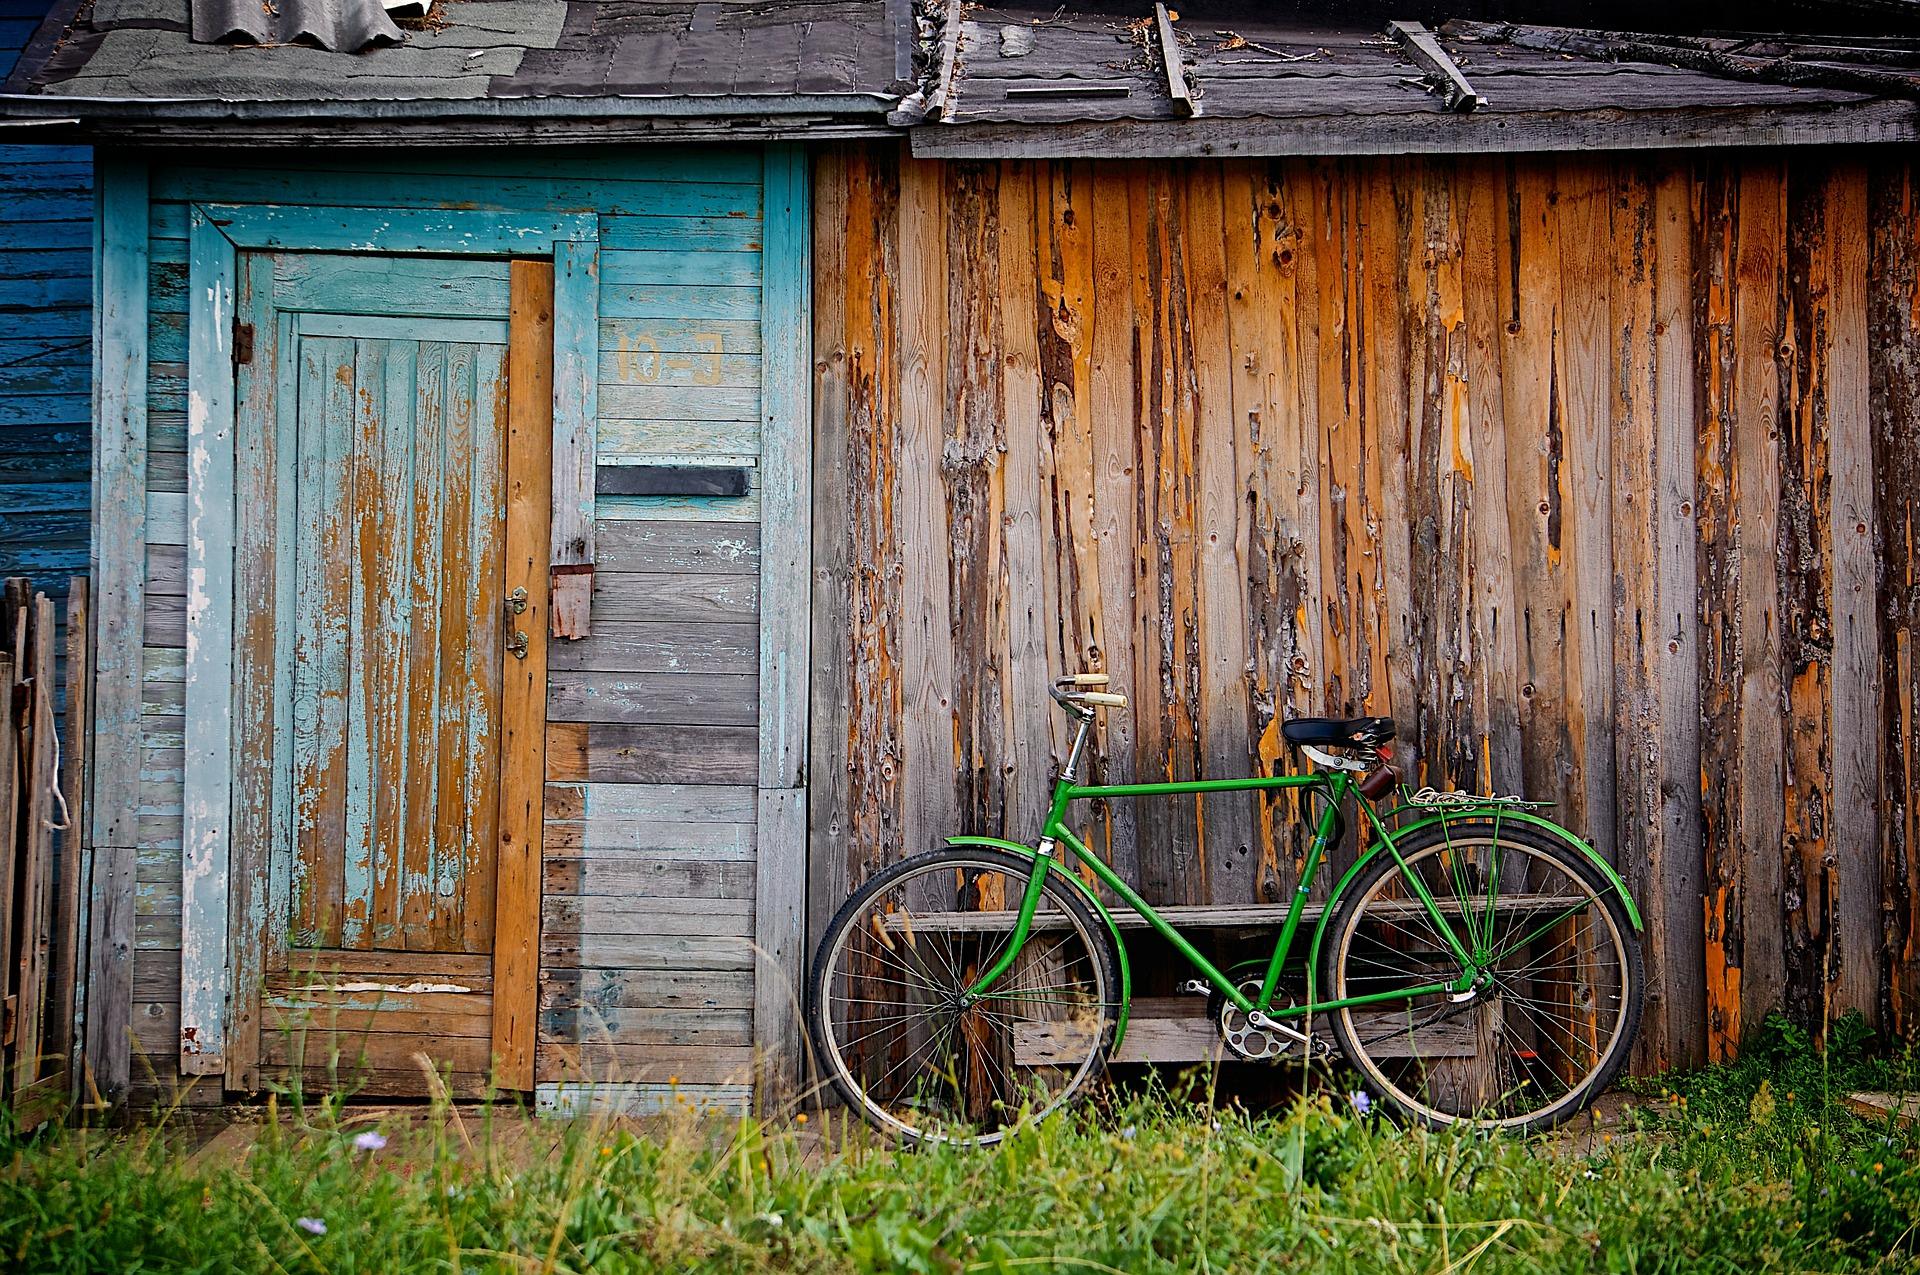 Wiosną najwięcej kradzieży rowerów. Mielecka policja przestrzega - Zdjęcie główne